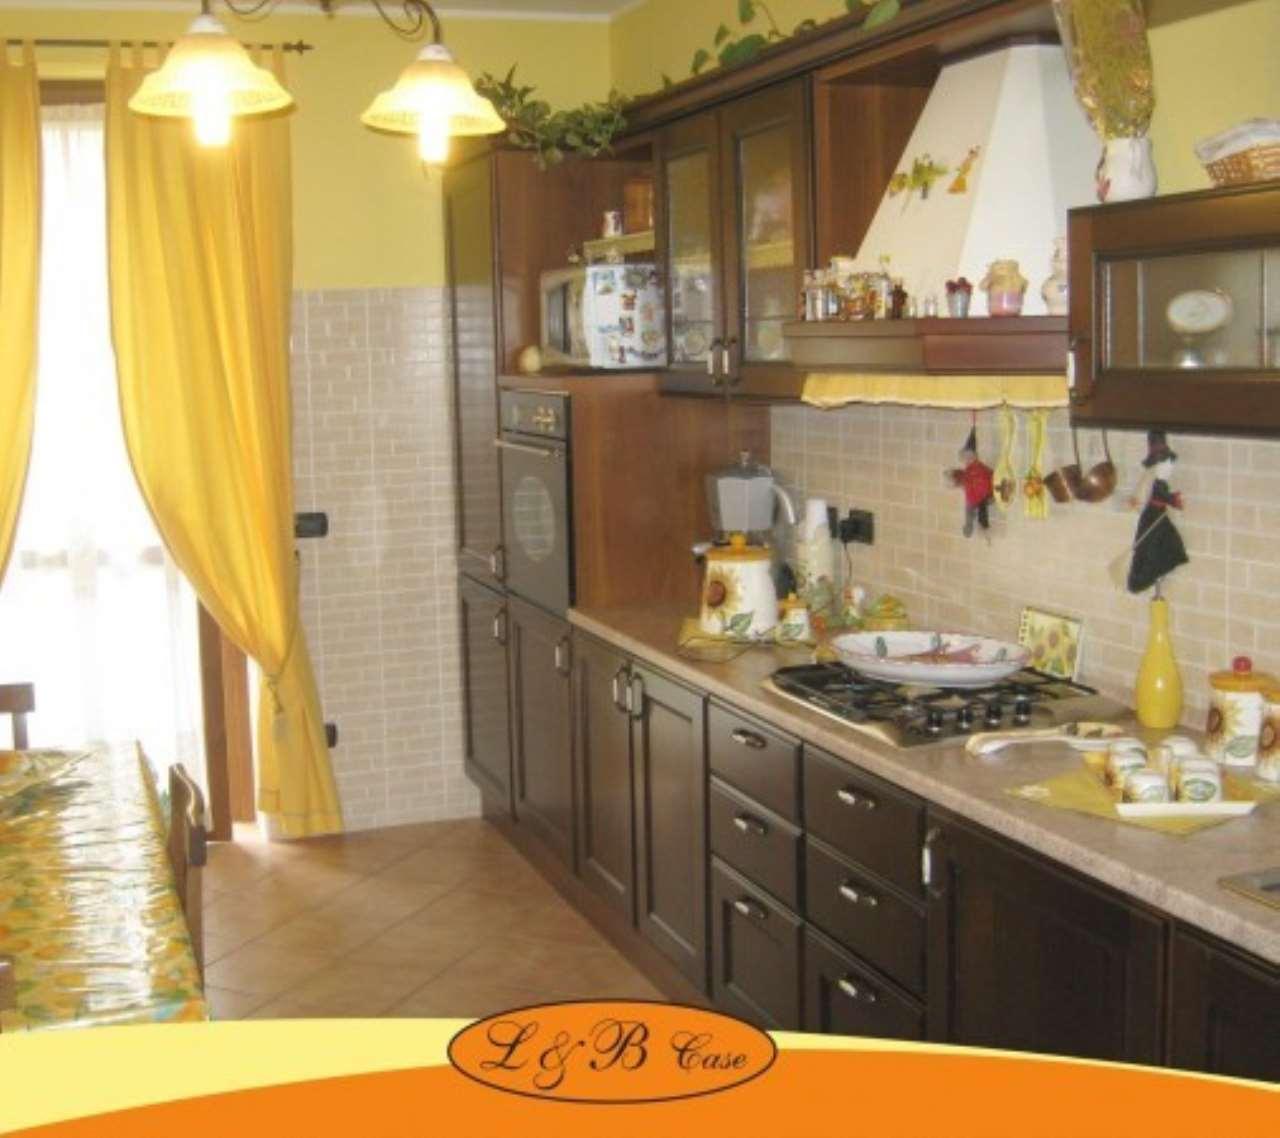 Villa in vendita a Biandrate, 4 locali, prezzo € 260.000 | Cambio Casa.it